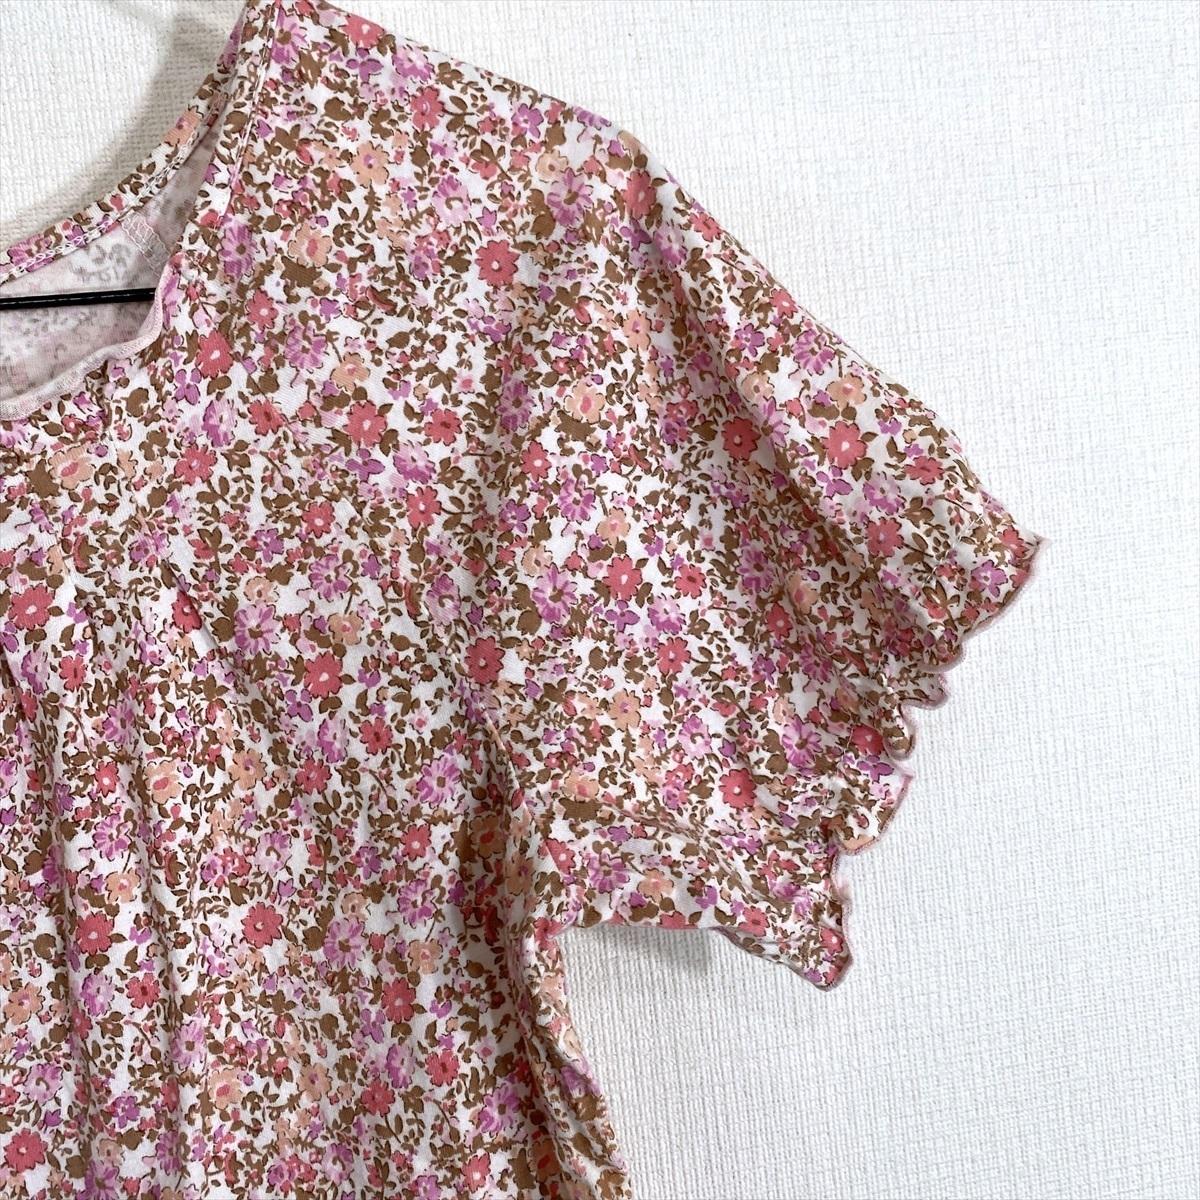 【送料250円】MELROSE メルローズ 花柄 柄物 ピンク 半袖 カットソー Tシャツ レディース 4【美品】_画像3